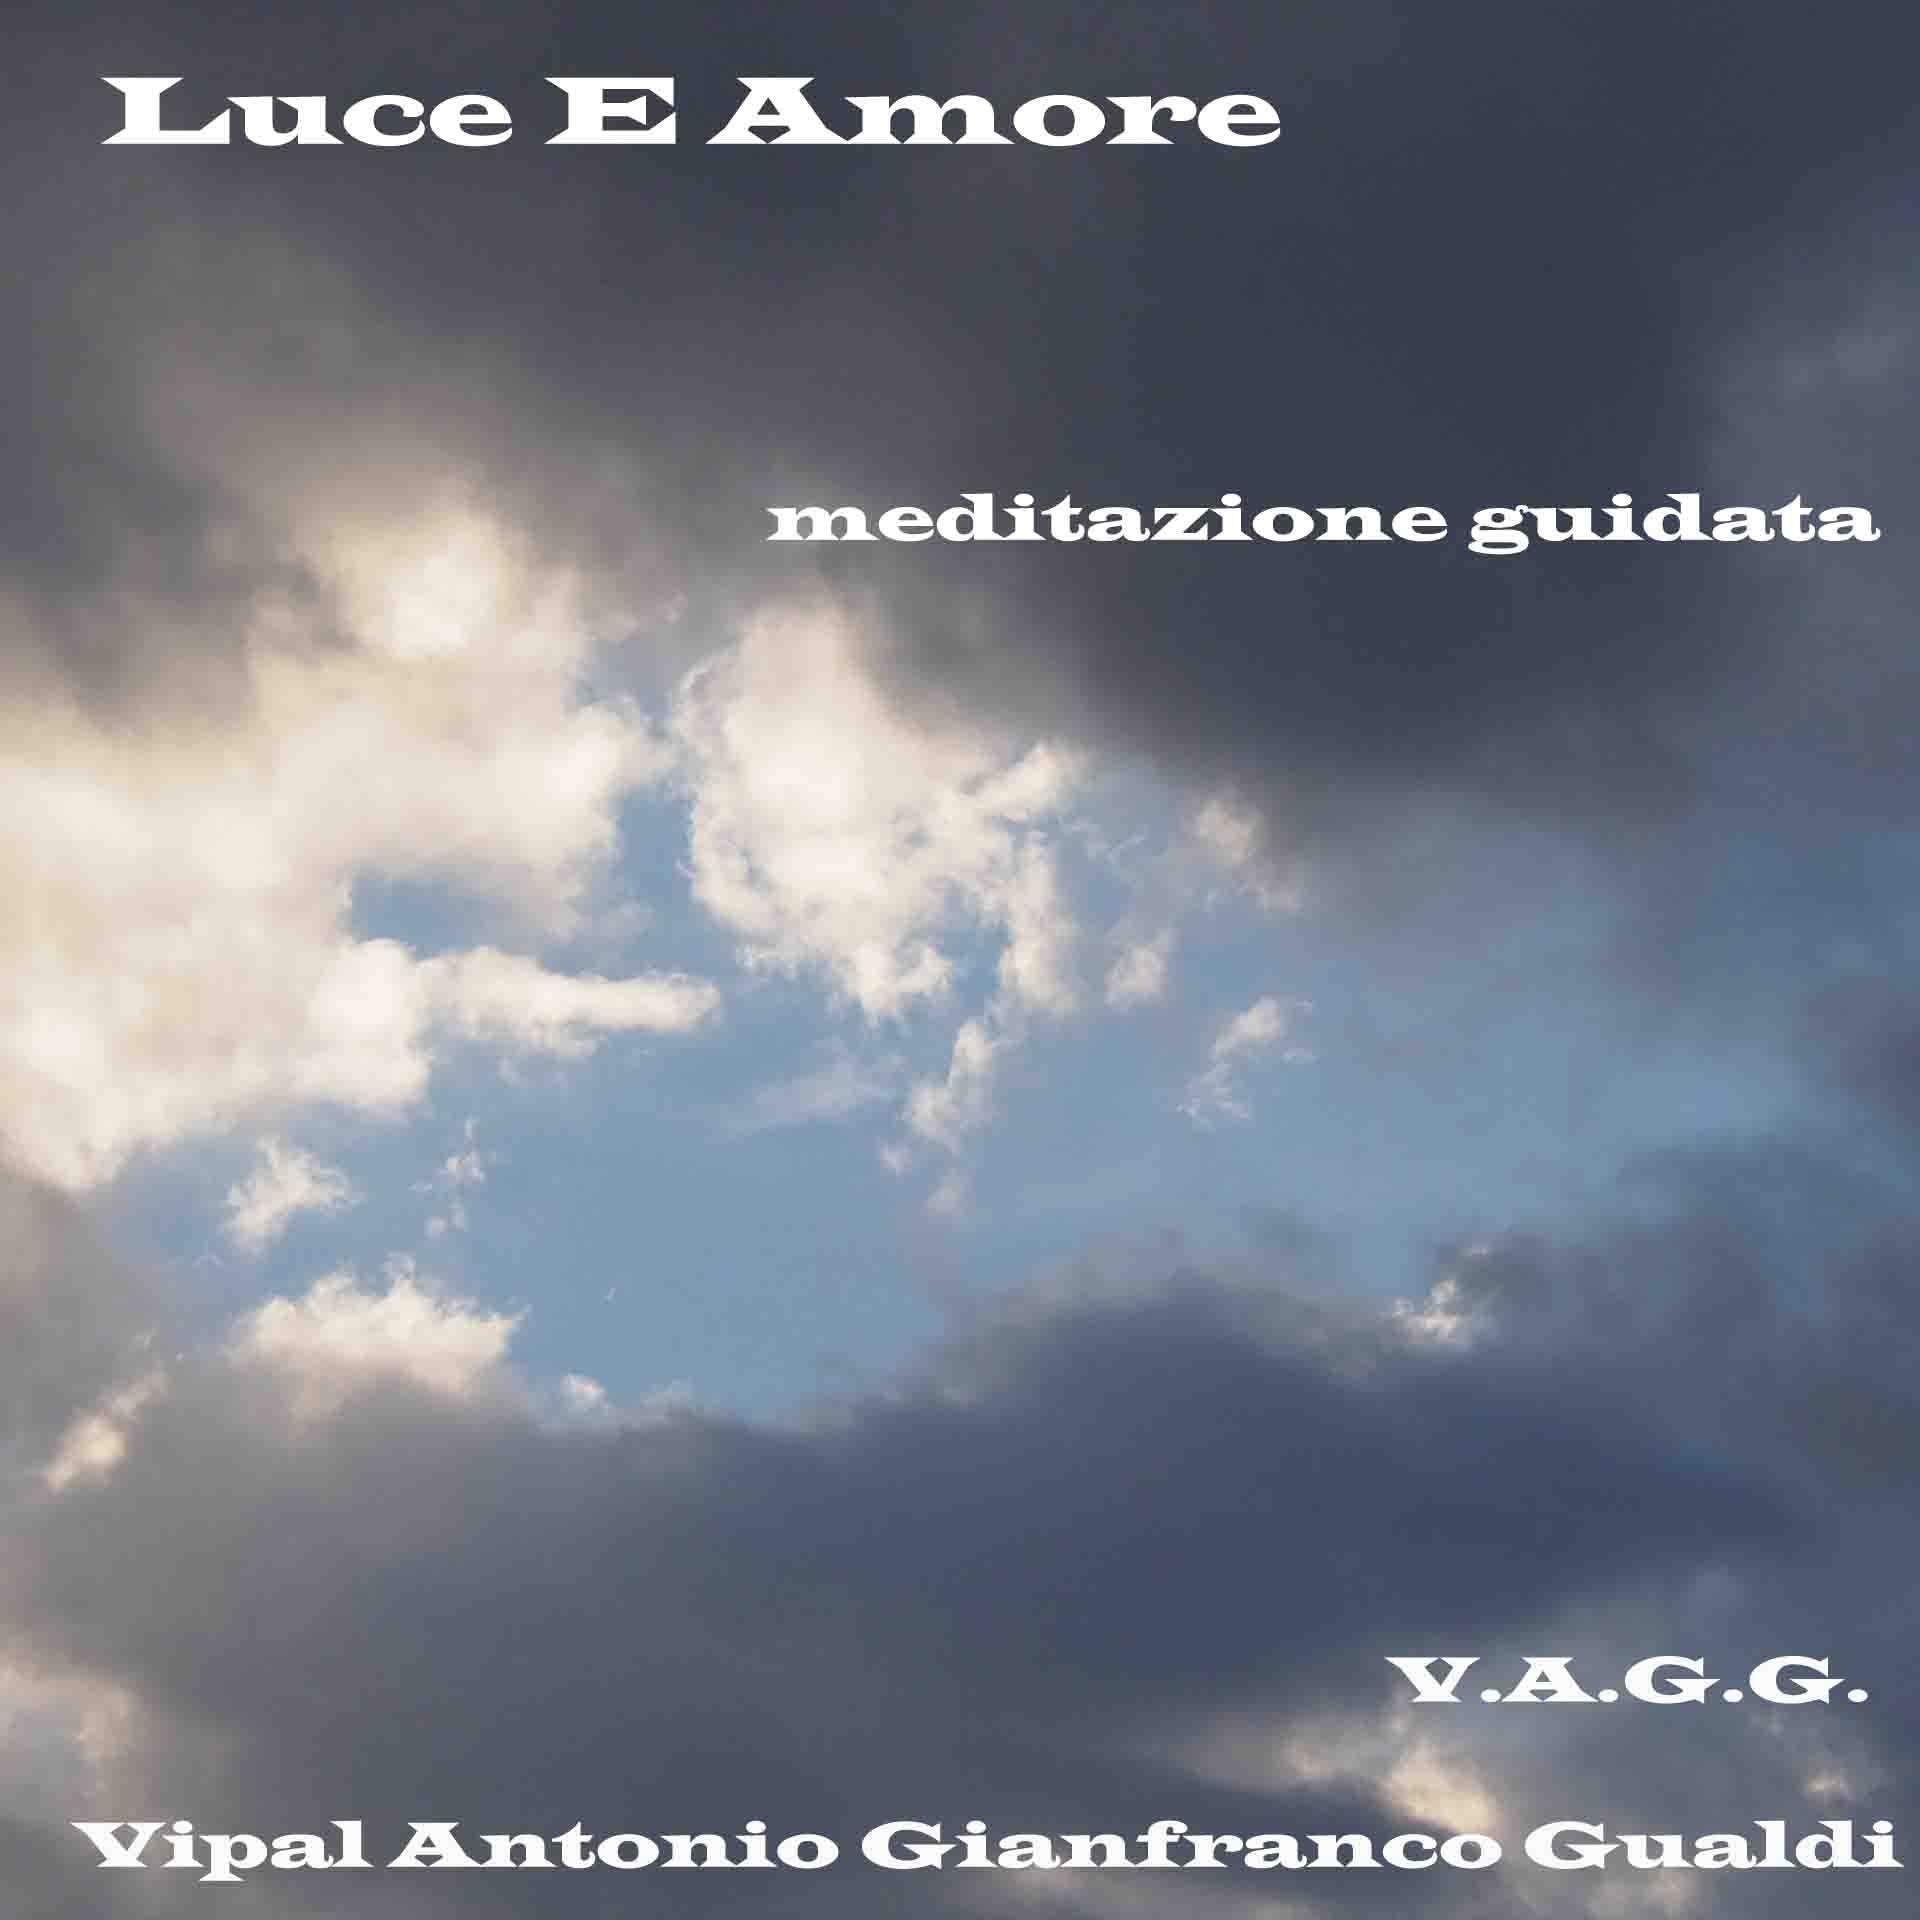 Luce e amore meditazione guidata di visualizzazione Vipal Antonio Gianfranco Gualdi